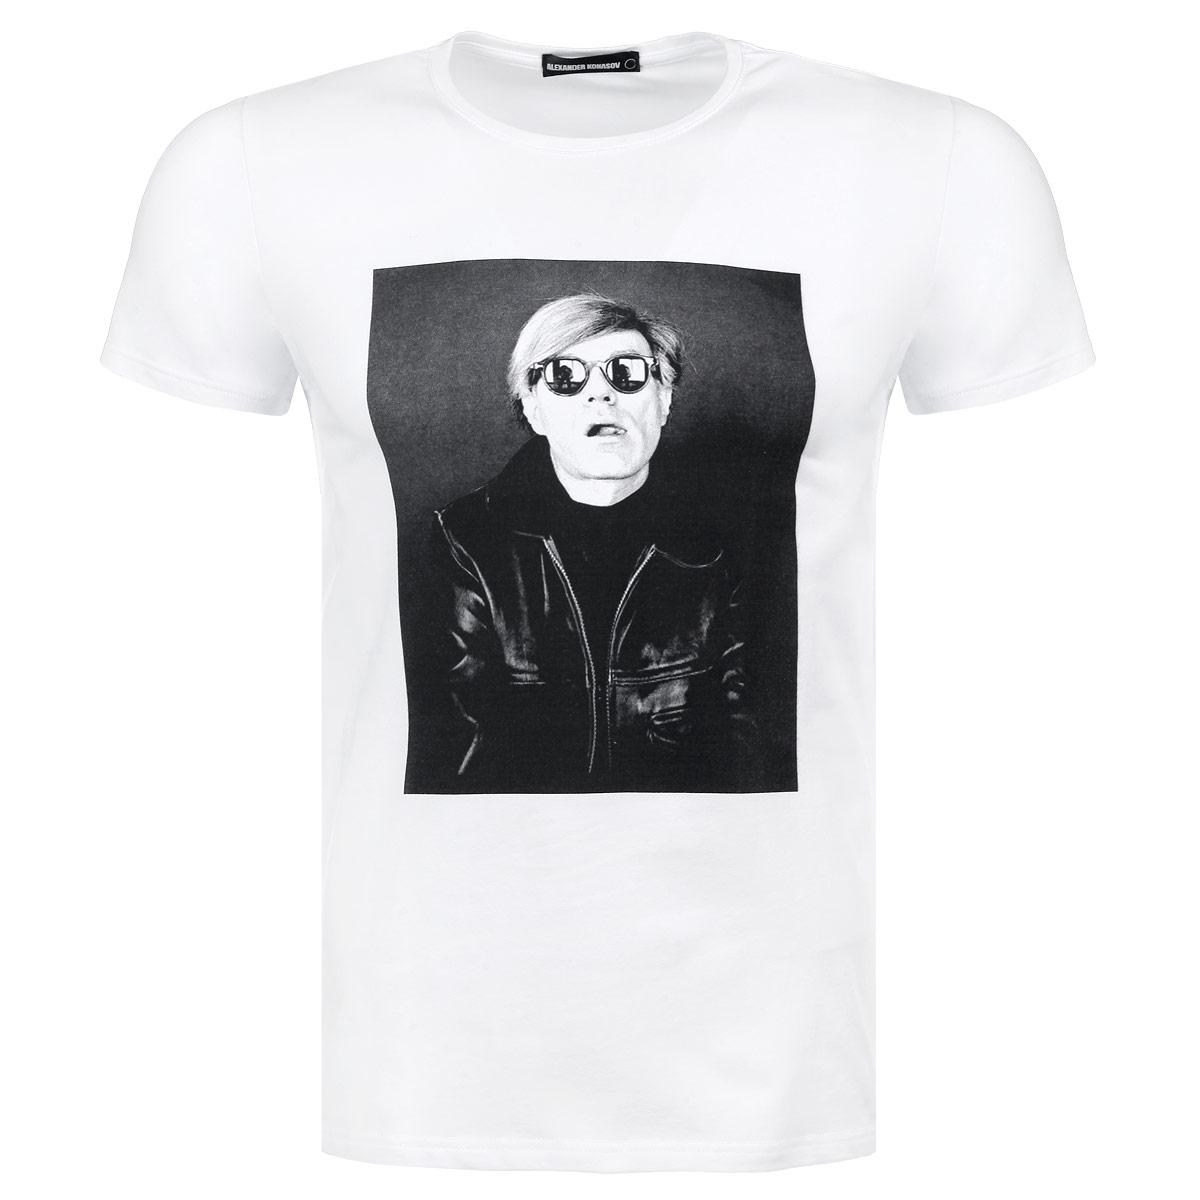 ФутболкаAndy Warhol SunglassesСтильная мужская футболка Alexander Konasov, выполненная из высококачественного мягкого хлопка с небольшим добавлением лайкры, обладает высокой теплопроводностью, воздухопроницаемостью и гигроскопичностью, позволяет коже дышать. Модель с короткими рукавами и круглым вырезом горловины оформлена фотопринтом с изображением Энди Уорхола в солнечных очках. Эта футболка - идеальный вариант для создания эффектного образа. Все изделия бренда Alexander Konasov кроятся только по лекалам из высококачественной ткани, идеально сидят на фигуре, после стирки не деформируются.